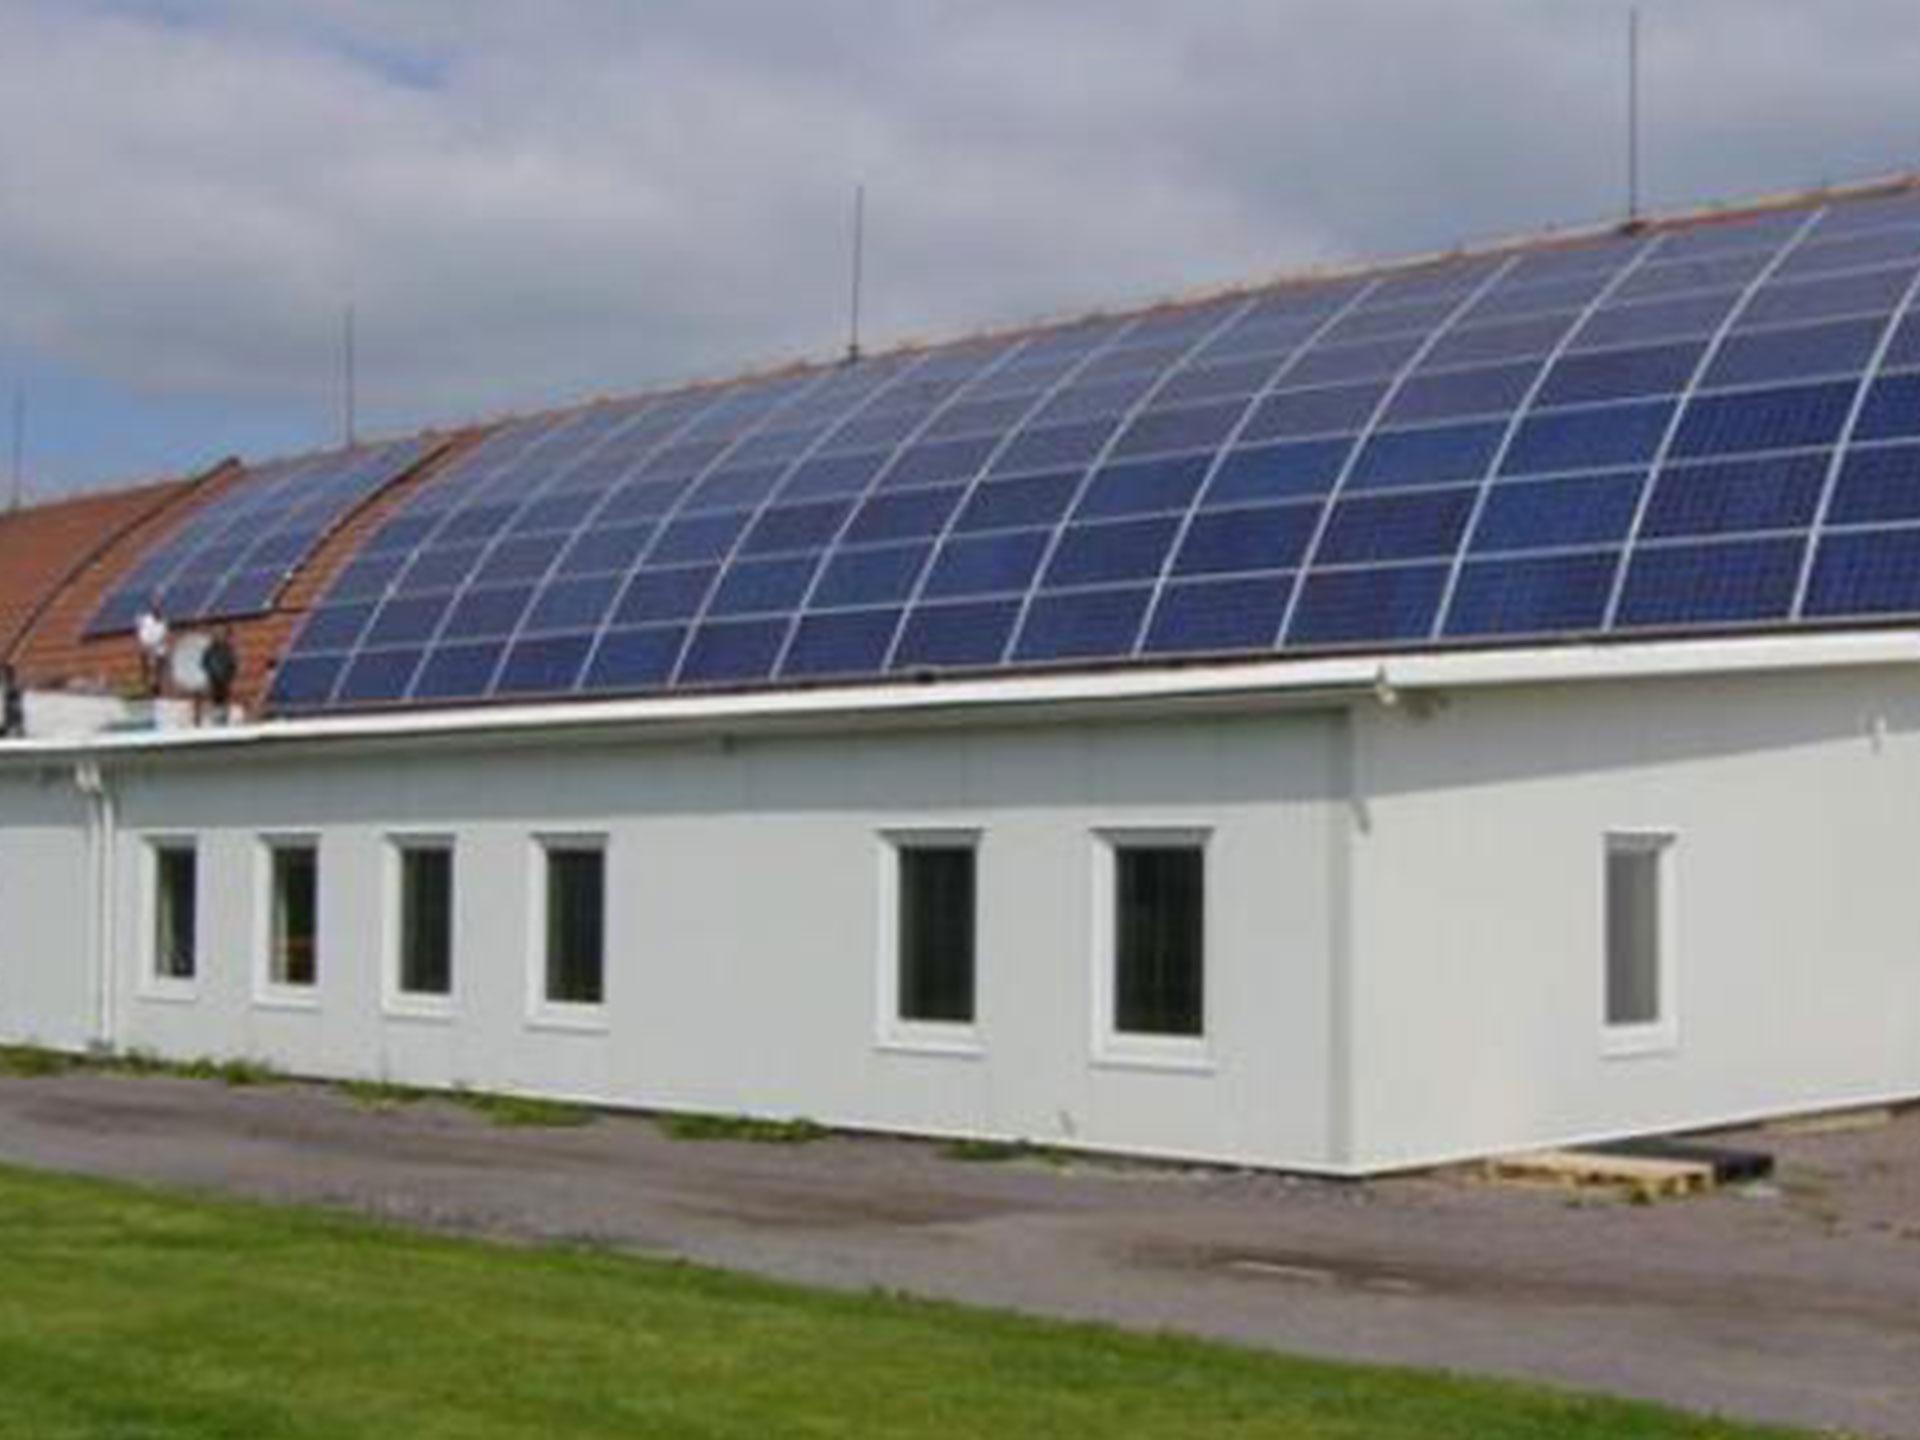 Průmyslový areál Bořice - Instalace fotovoltaické elektrárny o výkonu 30 kWp